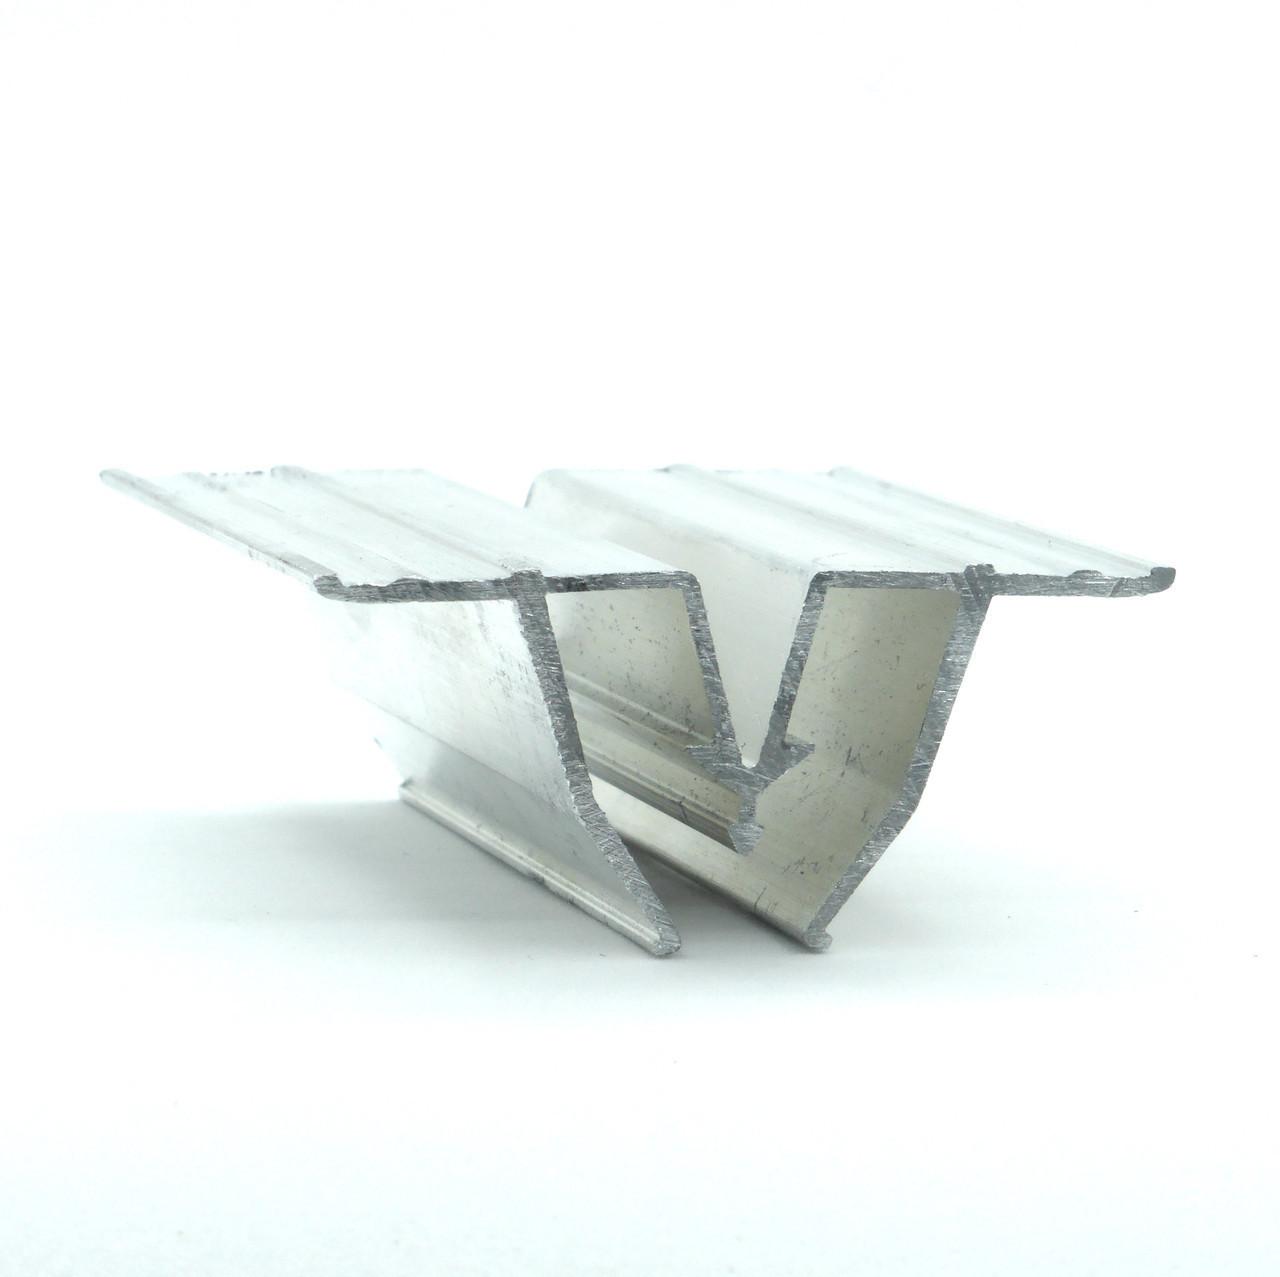 Профиль алюминиевый для натяжных потолков - W-образный, сепарационный. Длина профиля 2,5 м.